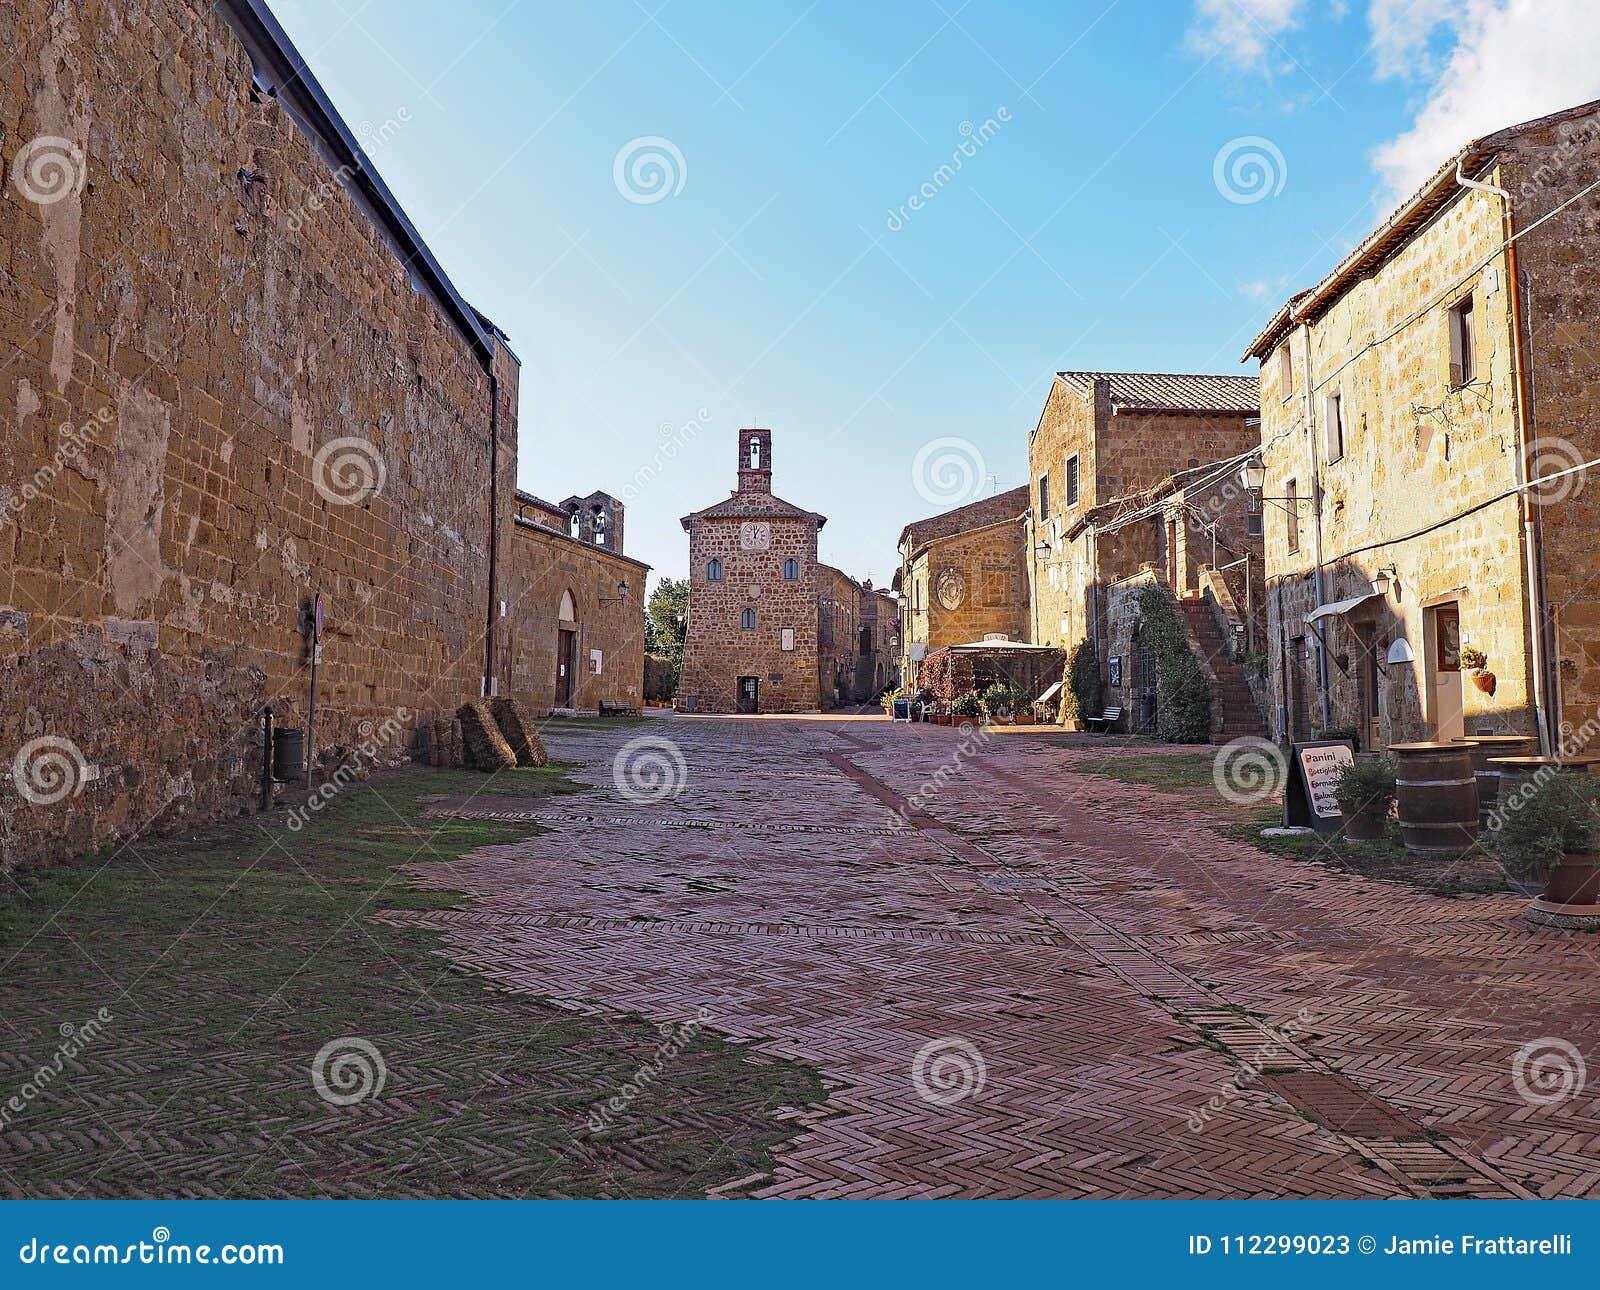 Der schöne Hauptplatz von Sovana, Italien